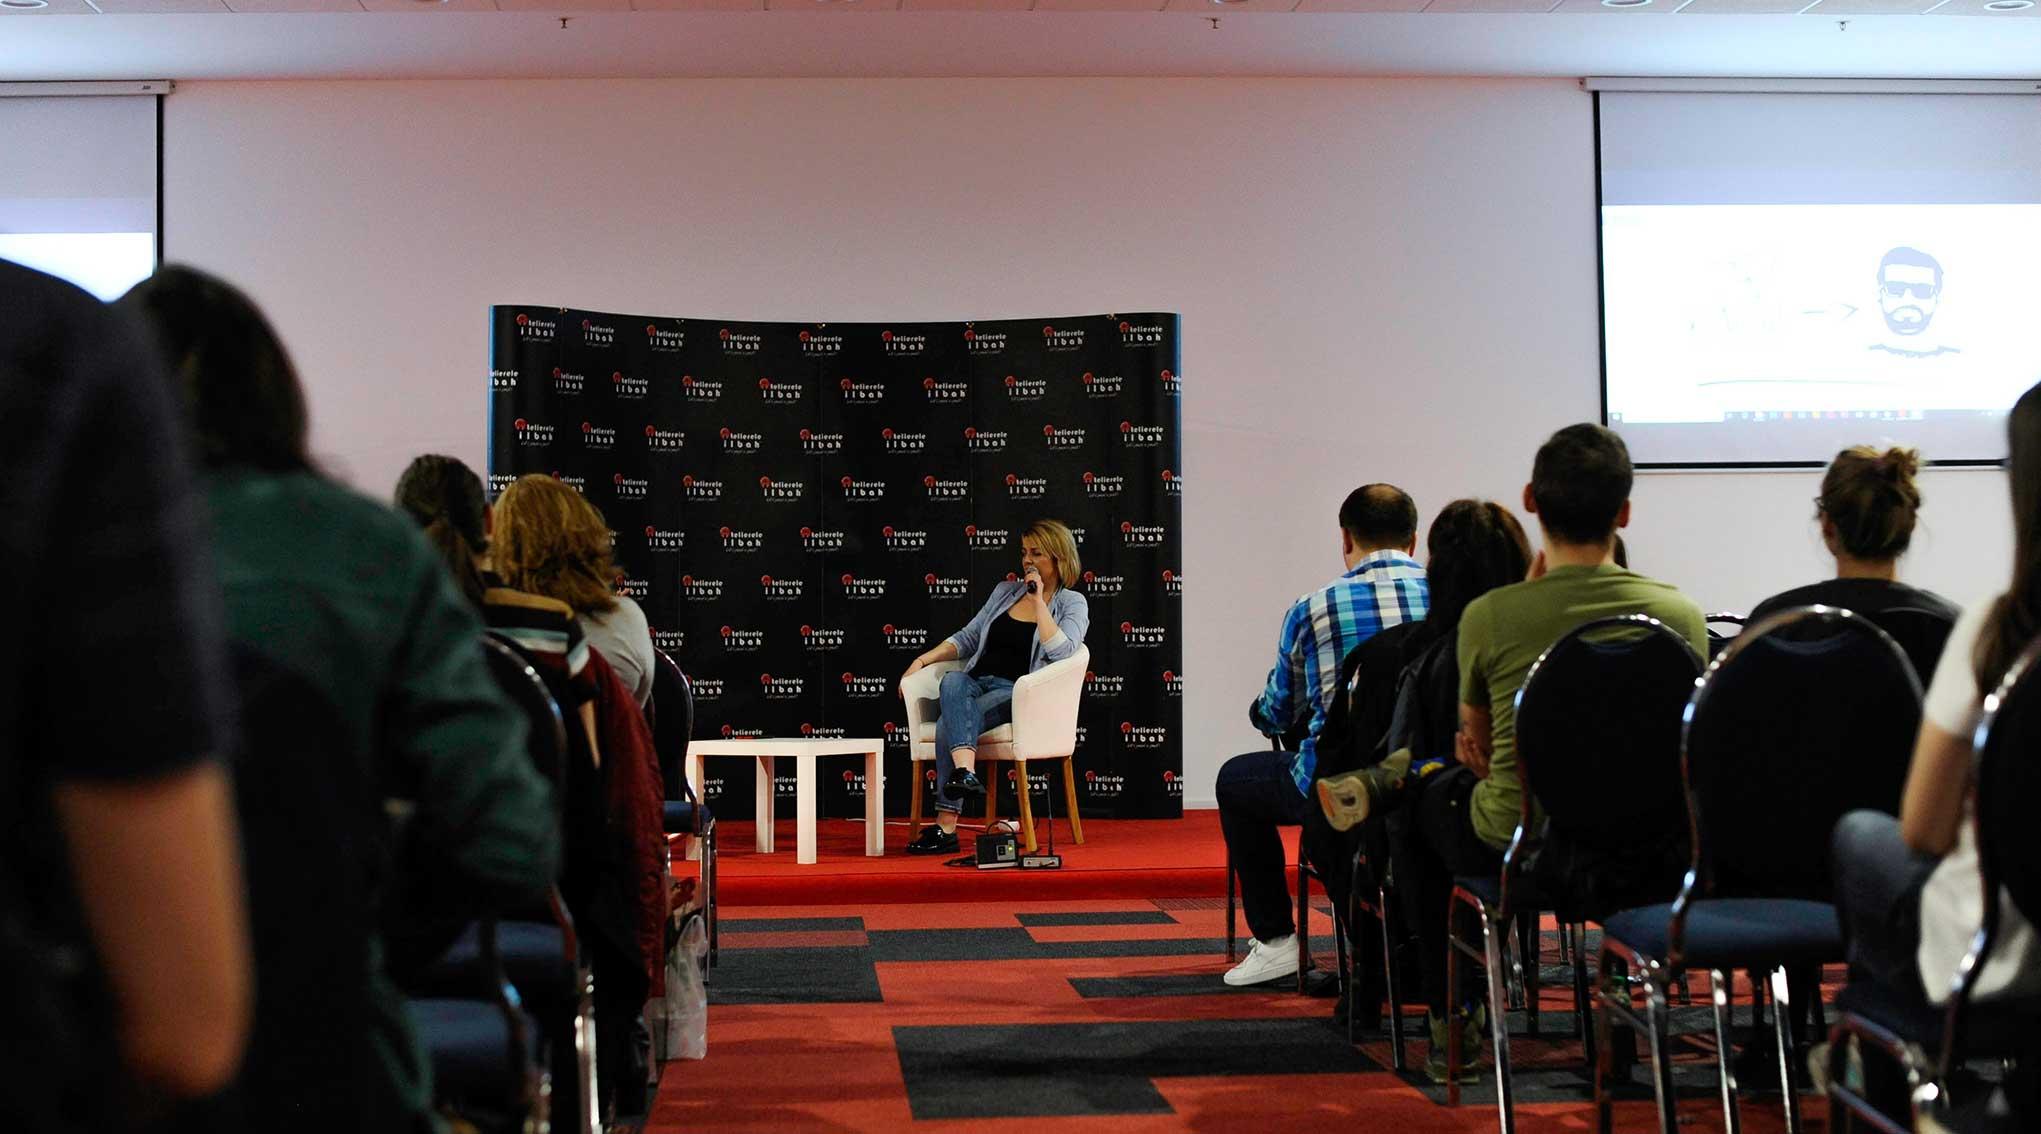 workshop-uri-demonstratii-si-conferinte-marca-atelierele-ilbah-pe-parcursul-a-4-zile-in-cadrul-romexpo-34